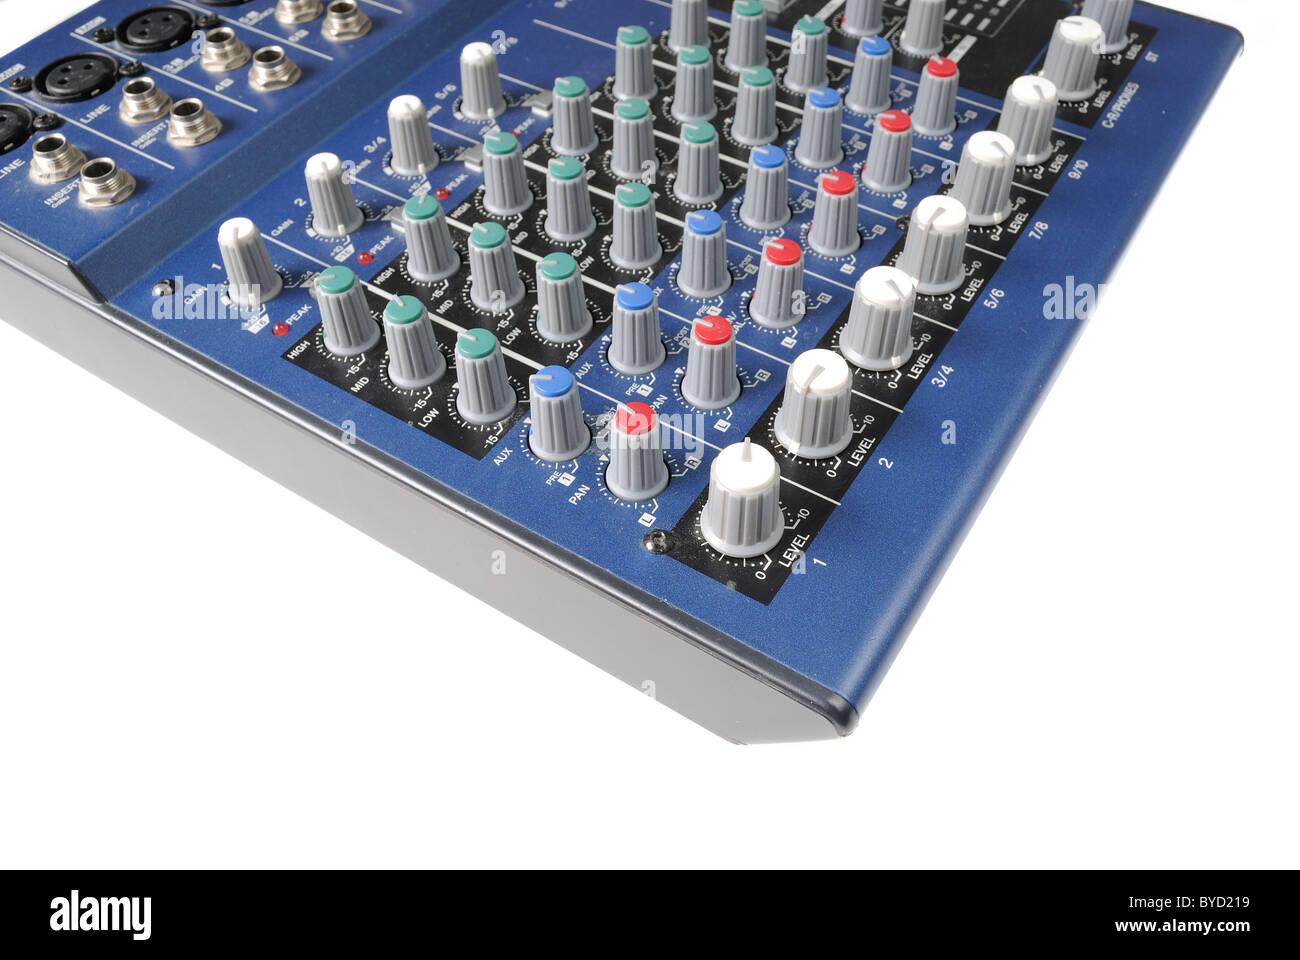 Una miscelazione di bordo su di un preamplificatore per amplificare il segnale audio. Immagini Stock